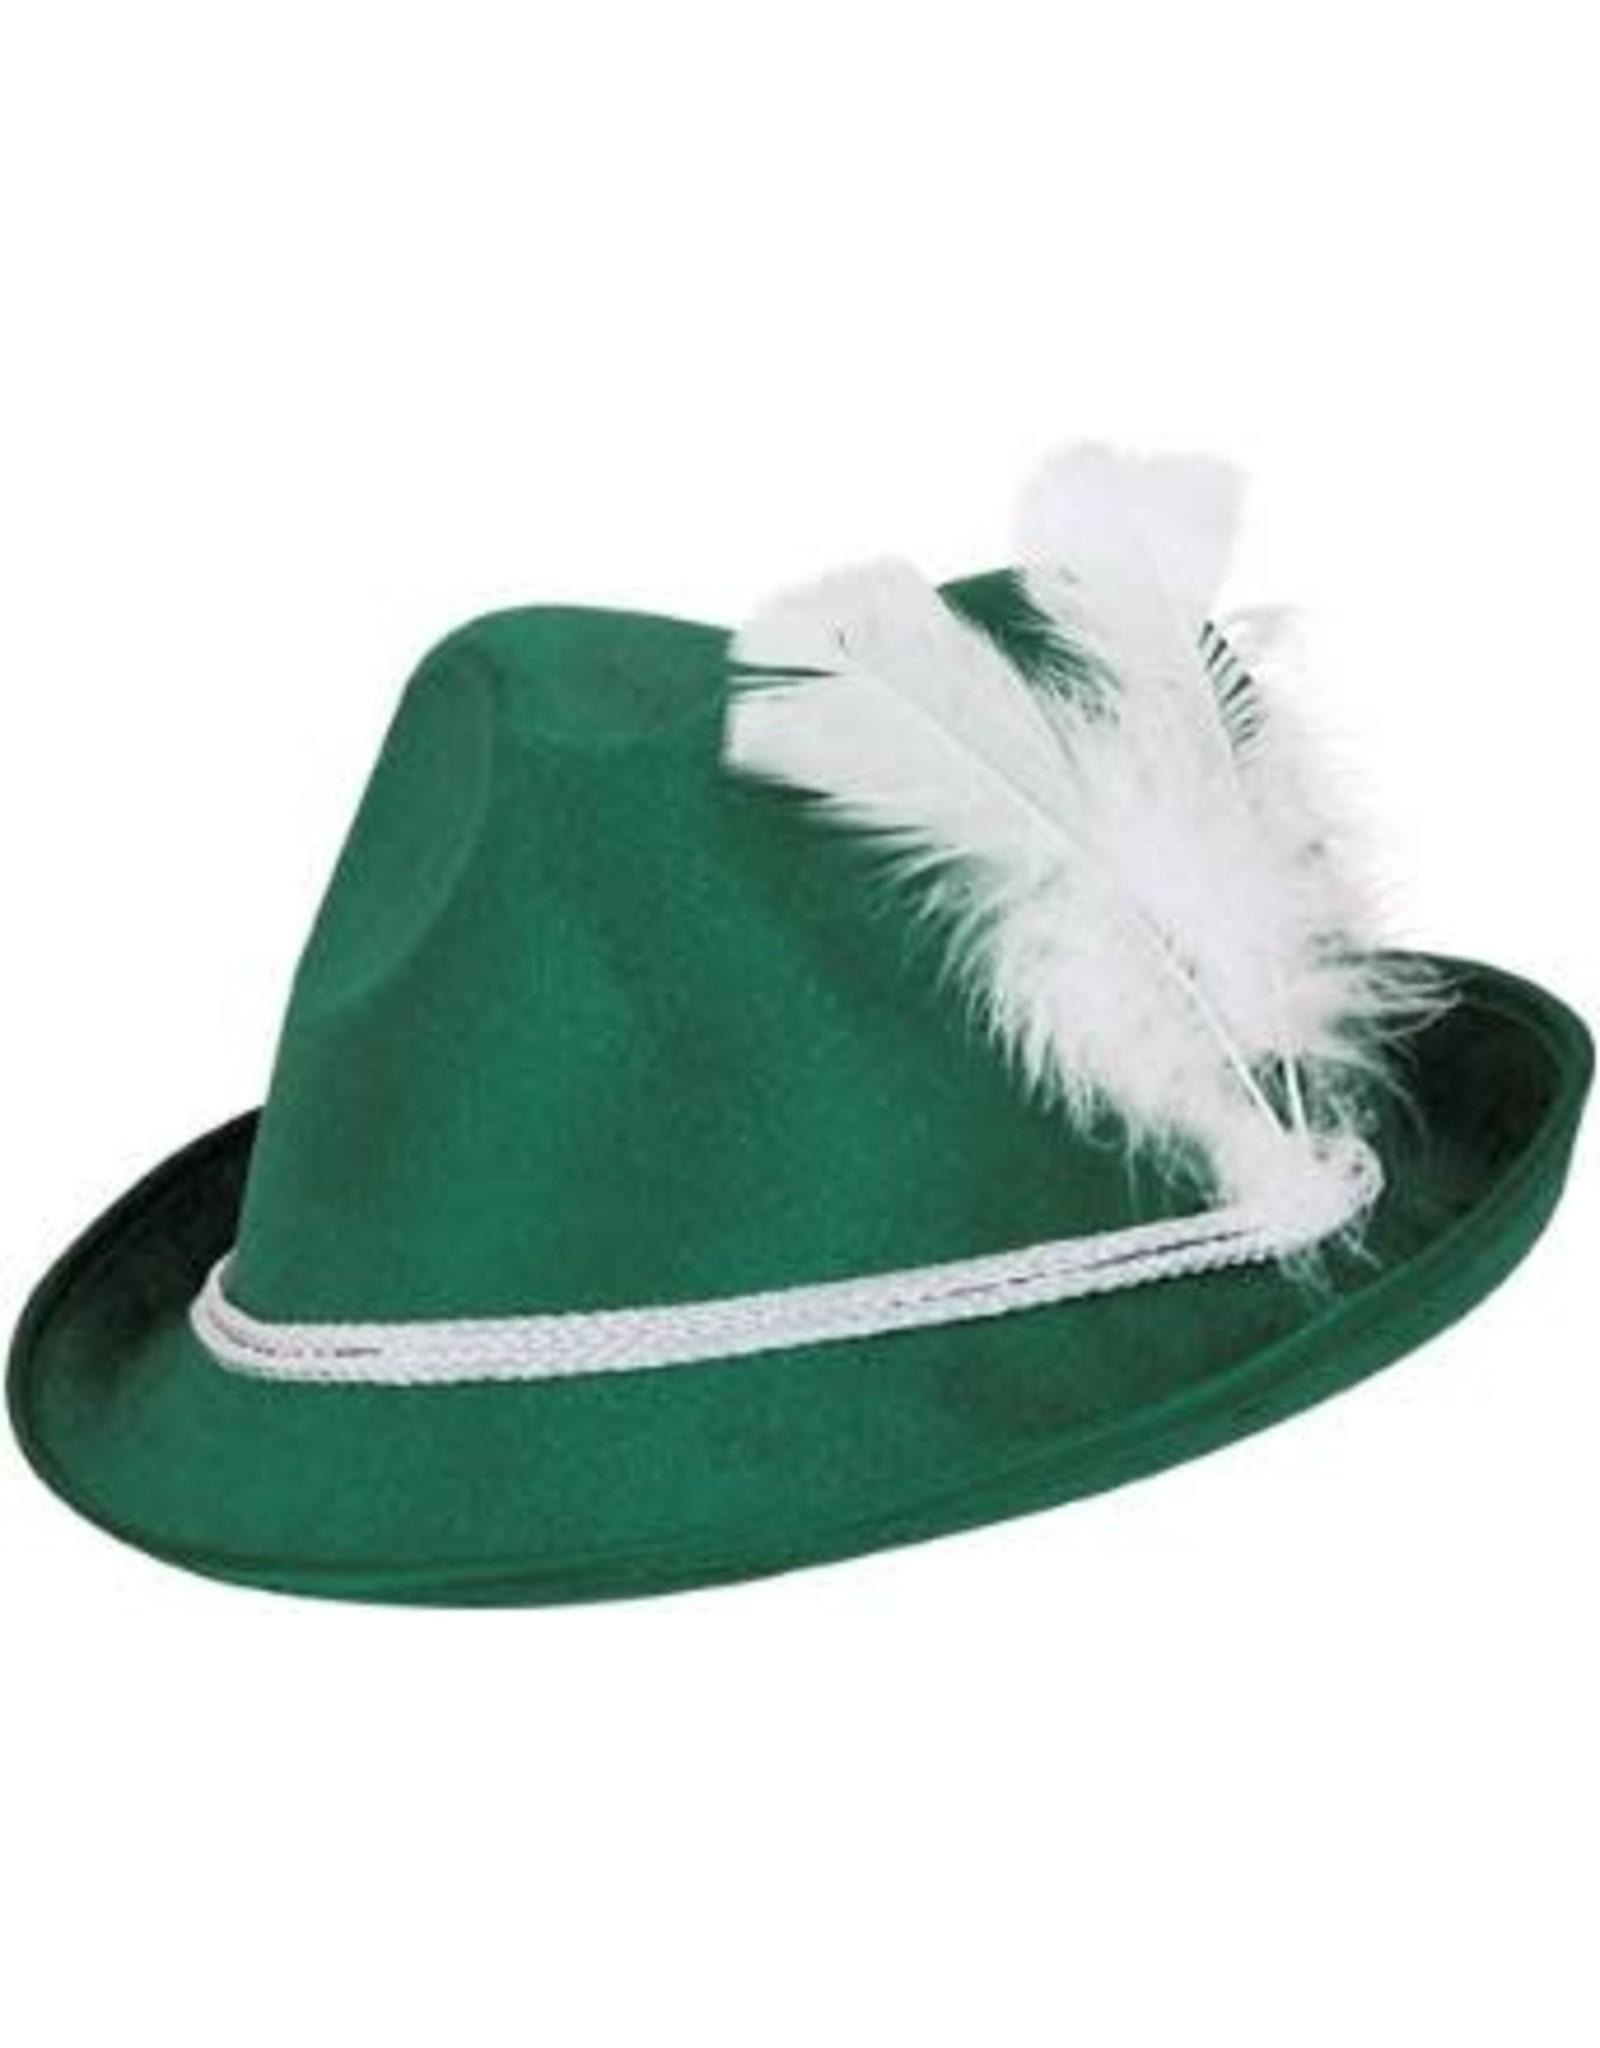 Beistle Alpine Hat